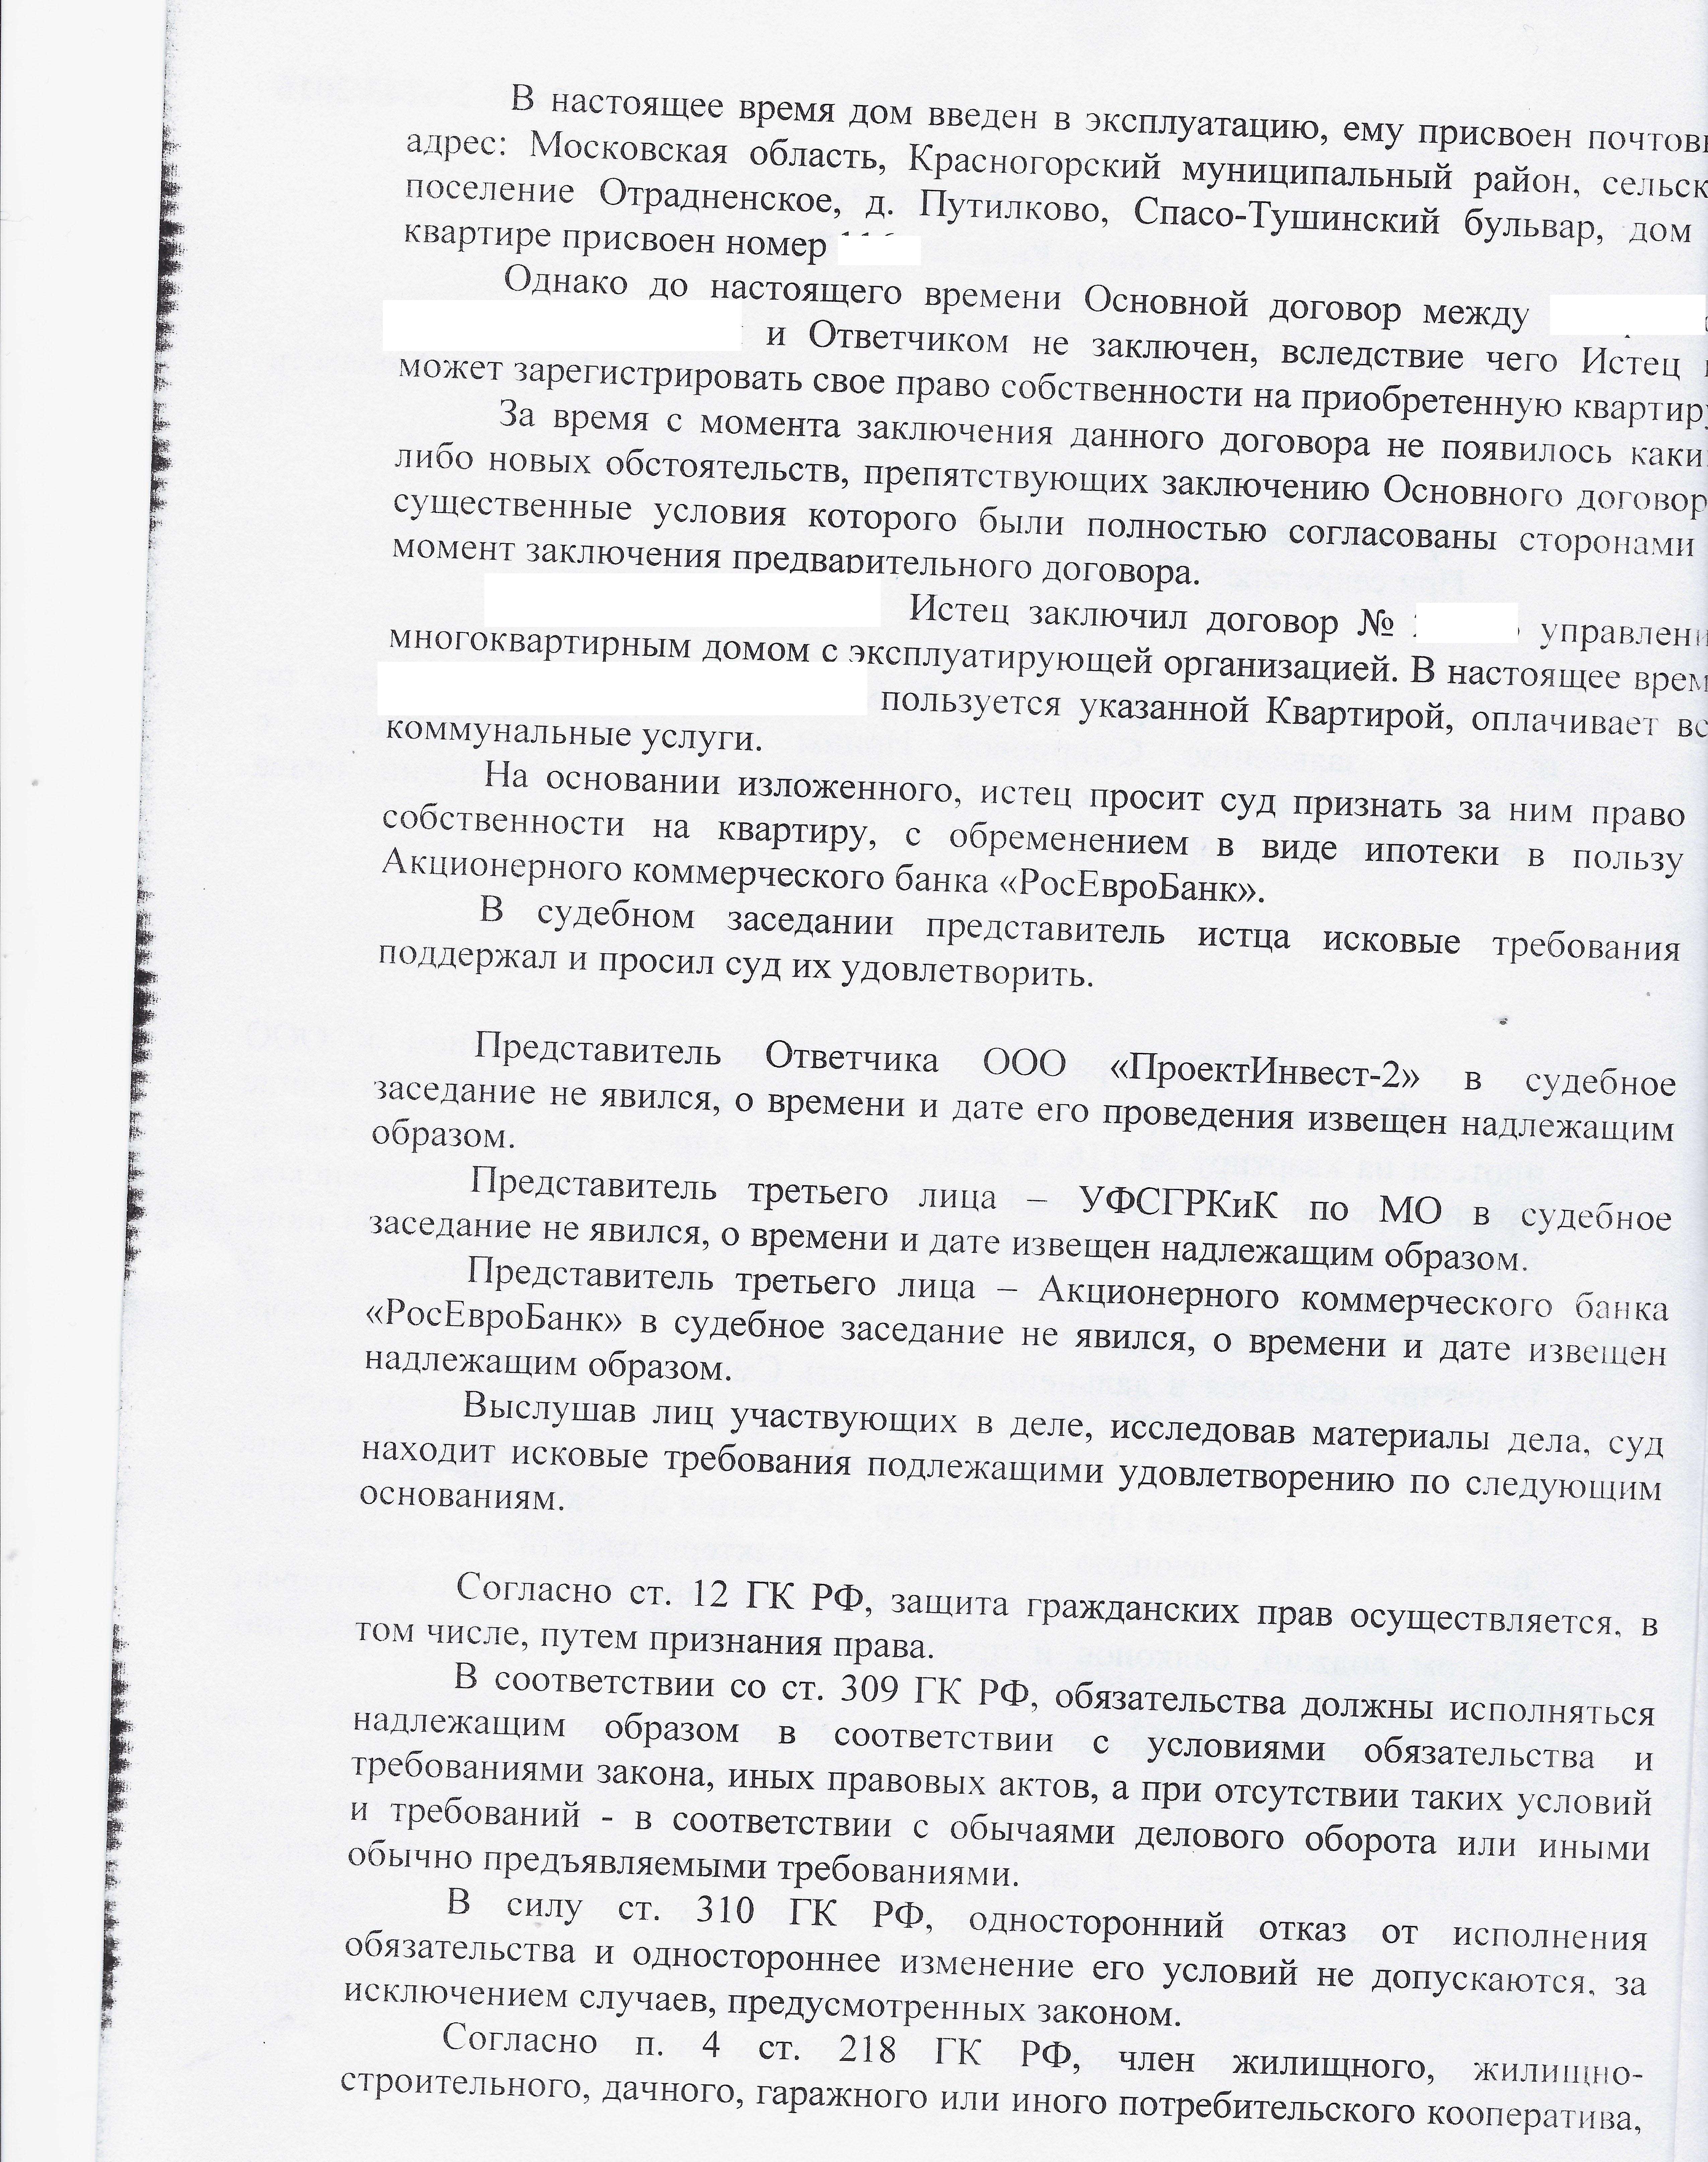 декларация 2019 3 ндфл программа скачать бесплатно